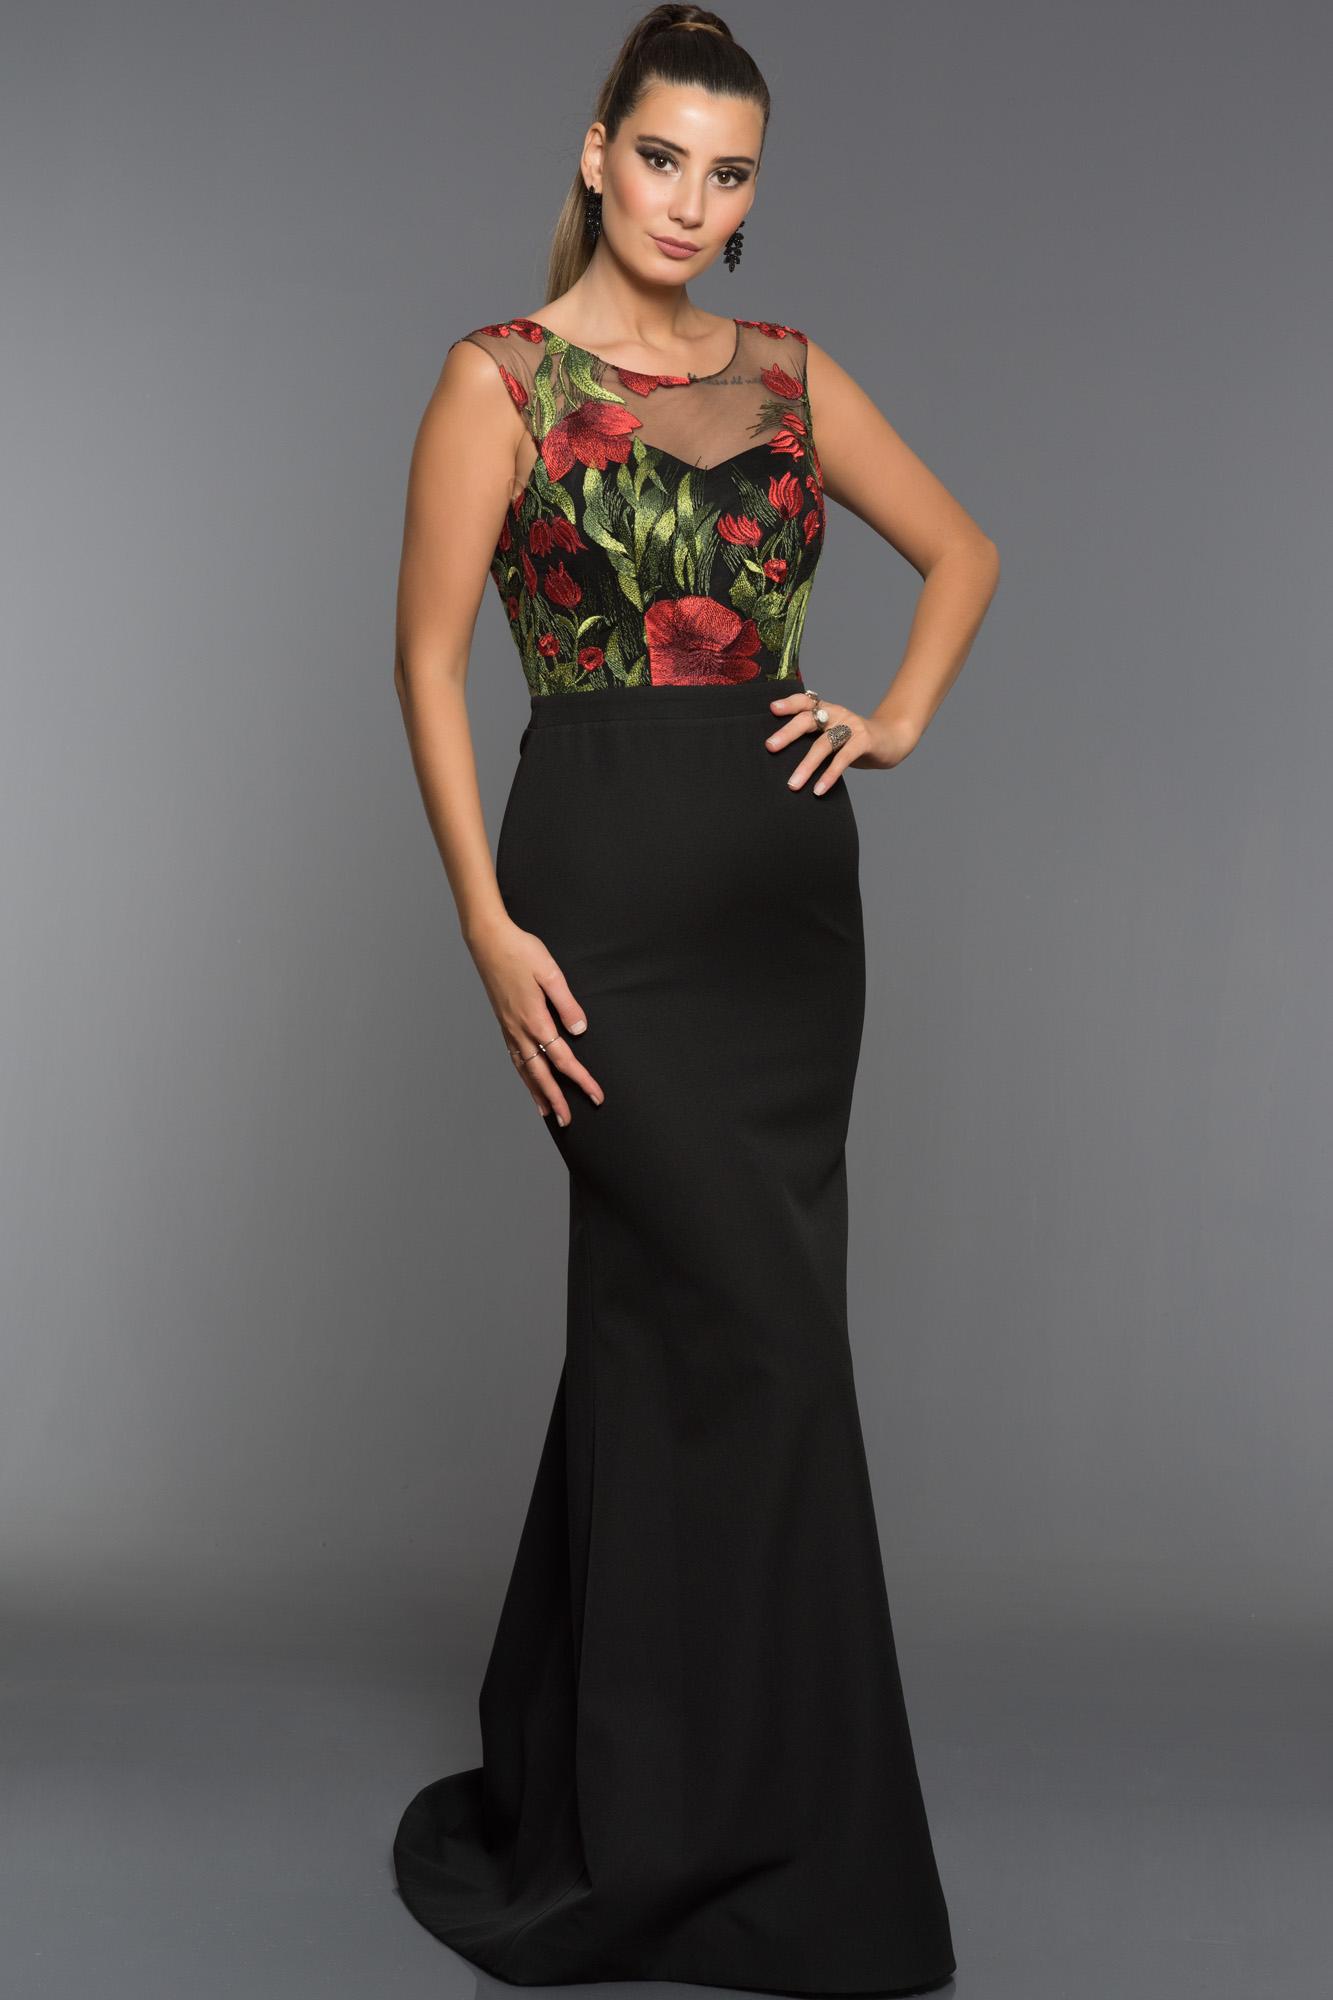 Siyah-Kırmızı Çiçekli Balık Abiye